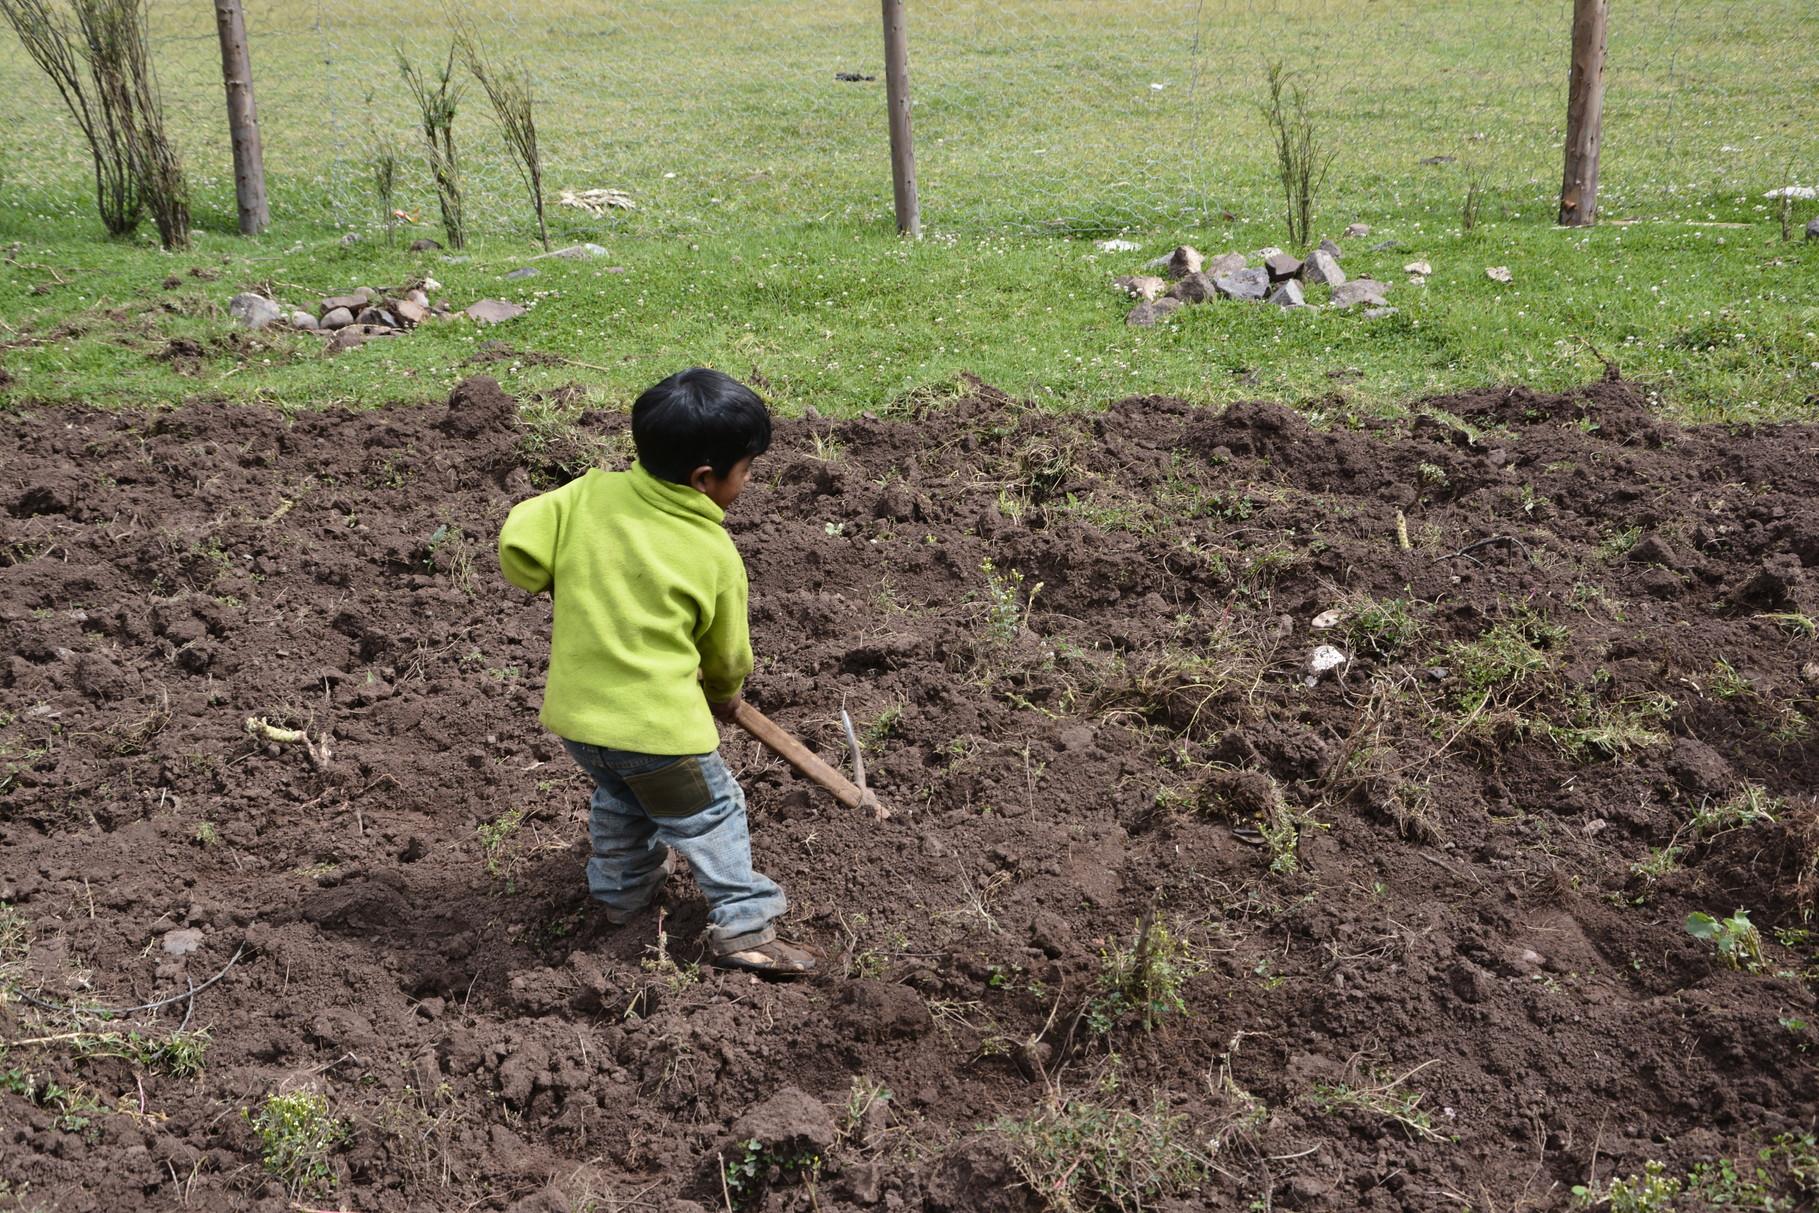 23 Mayo – Vicente uno de los niños más pequeños acompaña al equipo en la labor